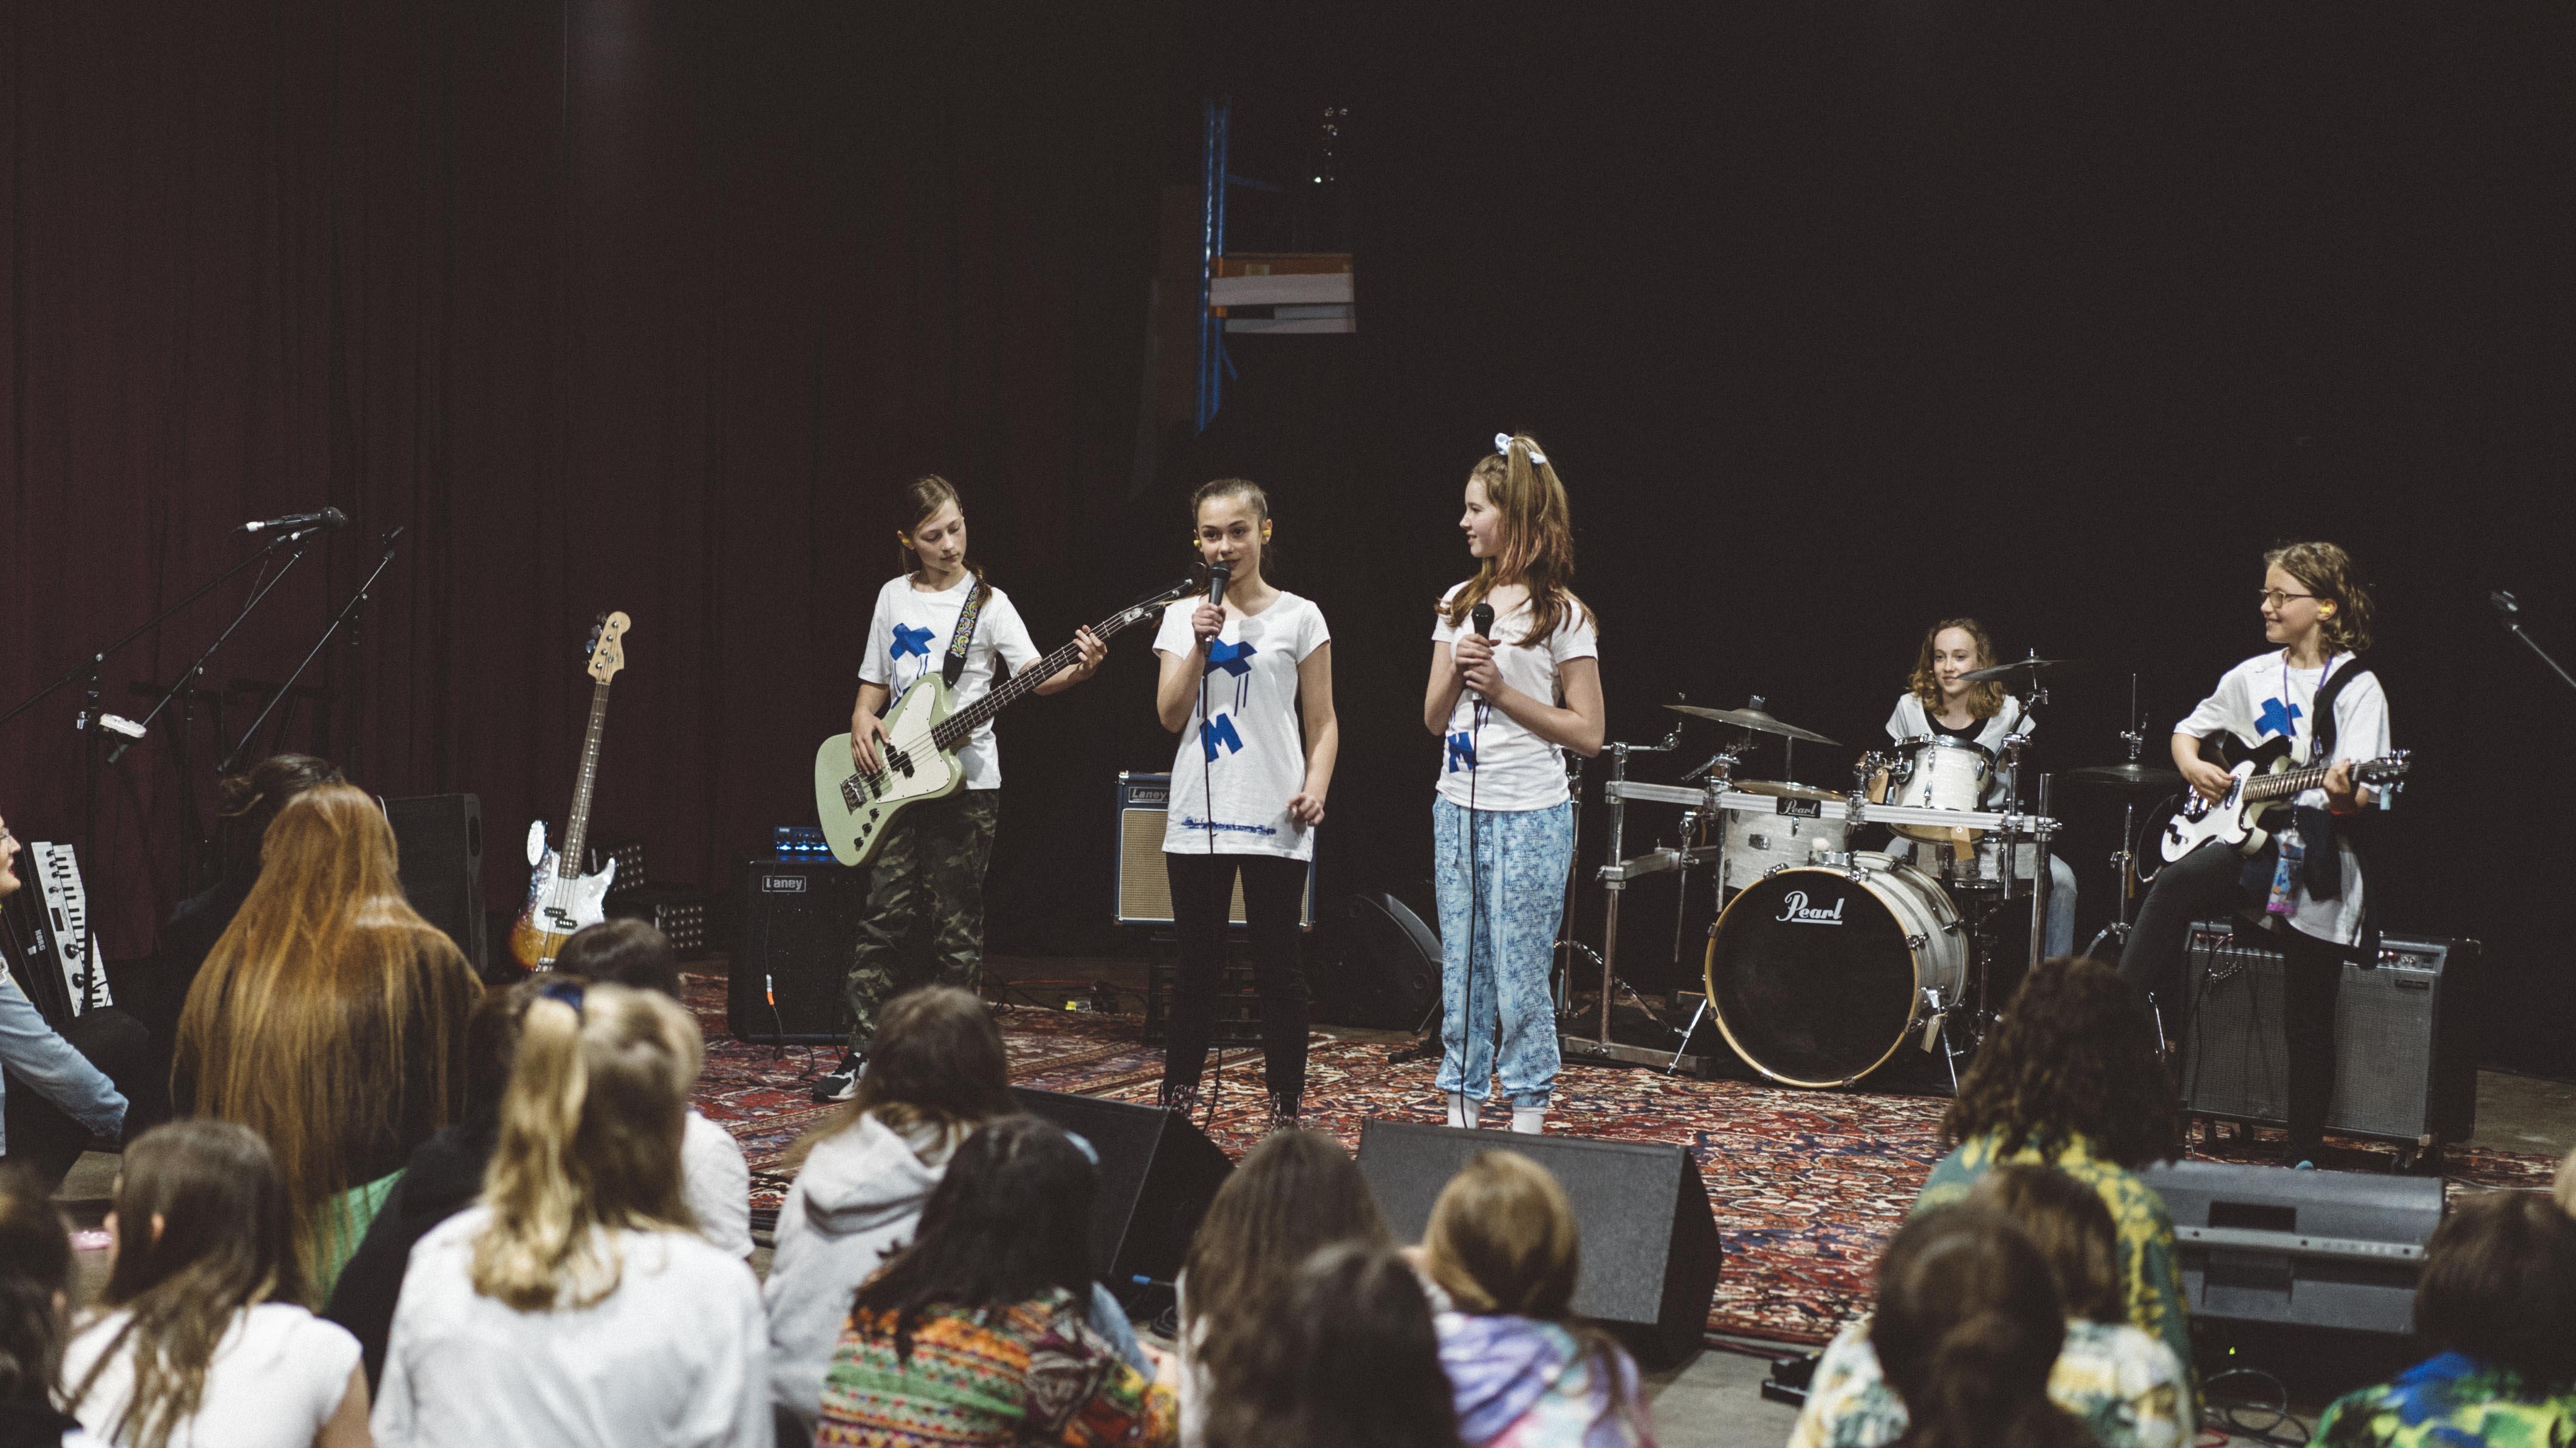 A girls rock performance